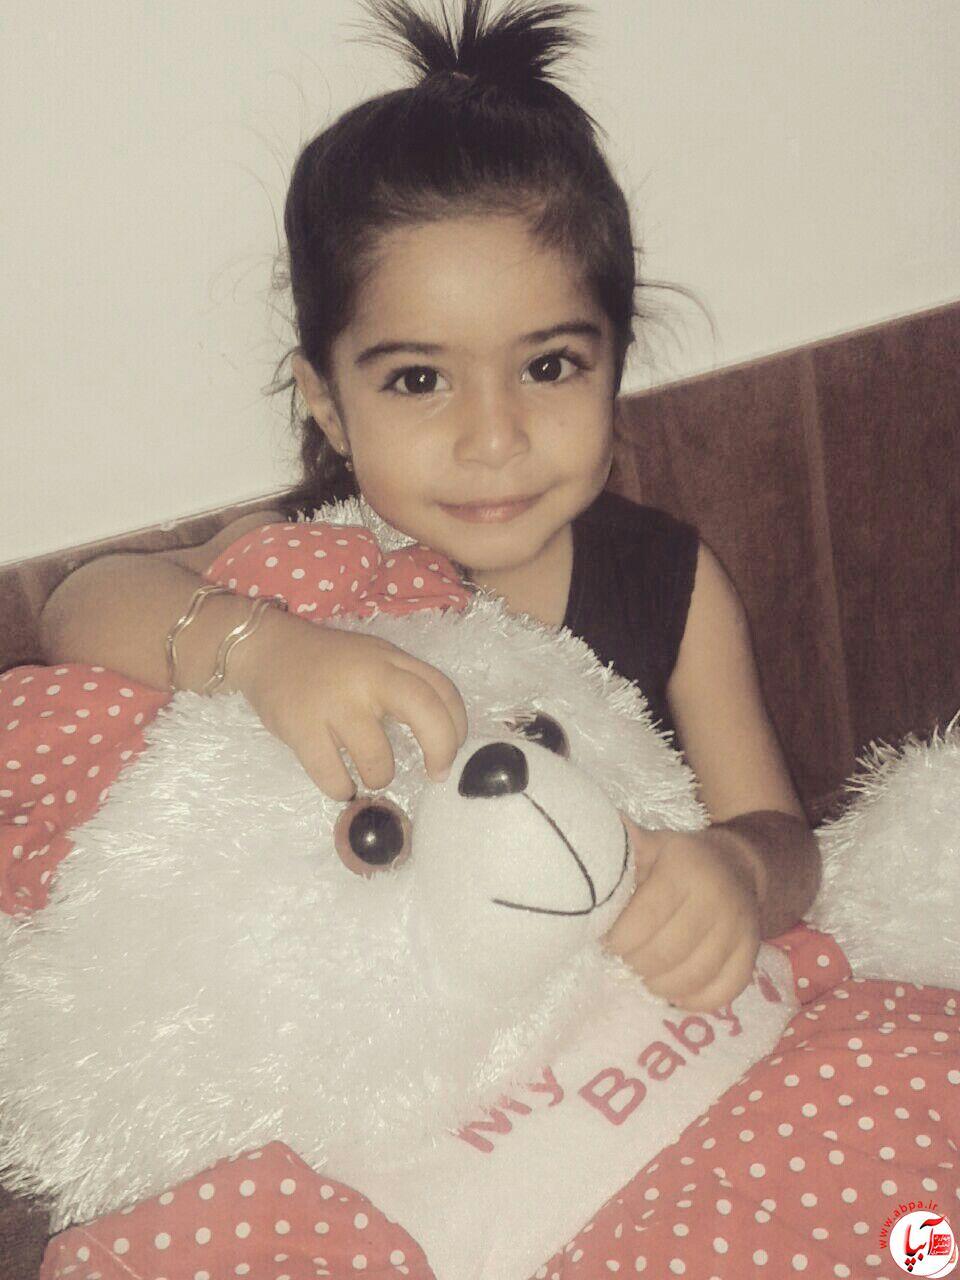 سما-فریدونی-4-ساله گالری عکس کودک: این فرشته های دهرمی ...